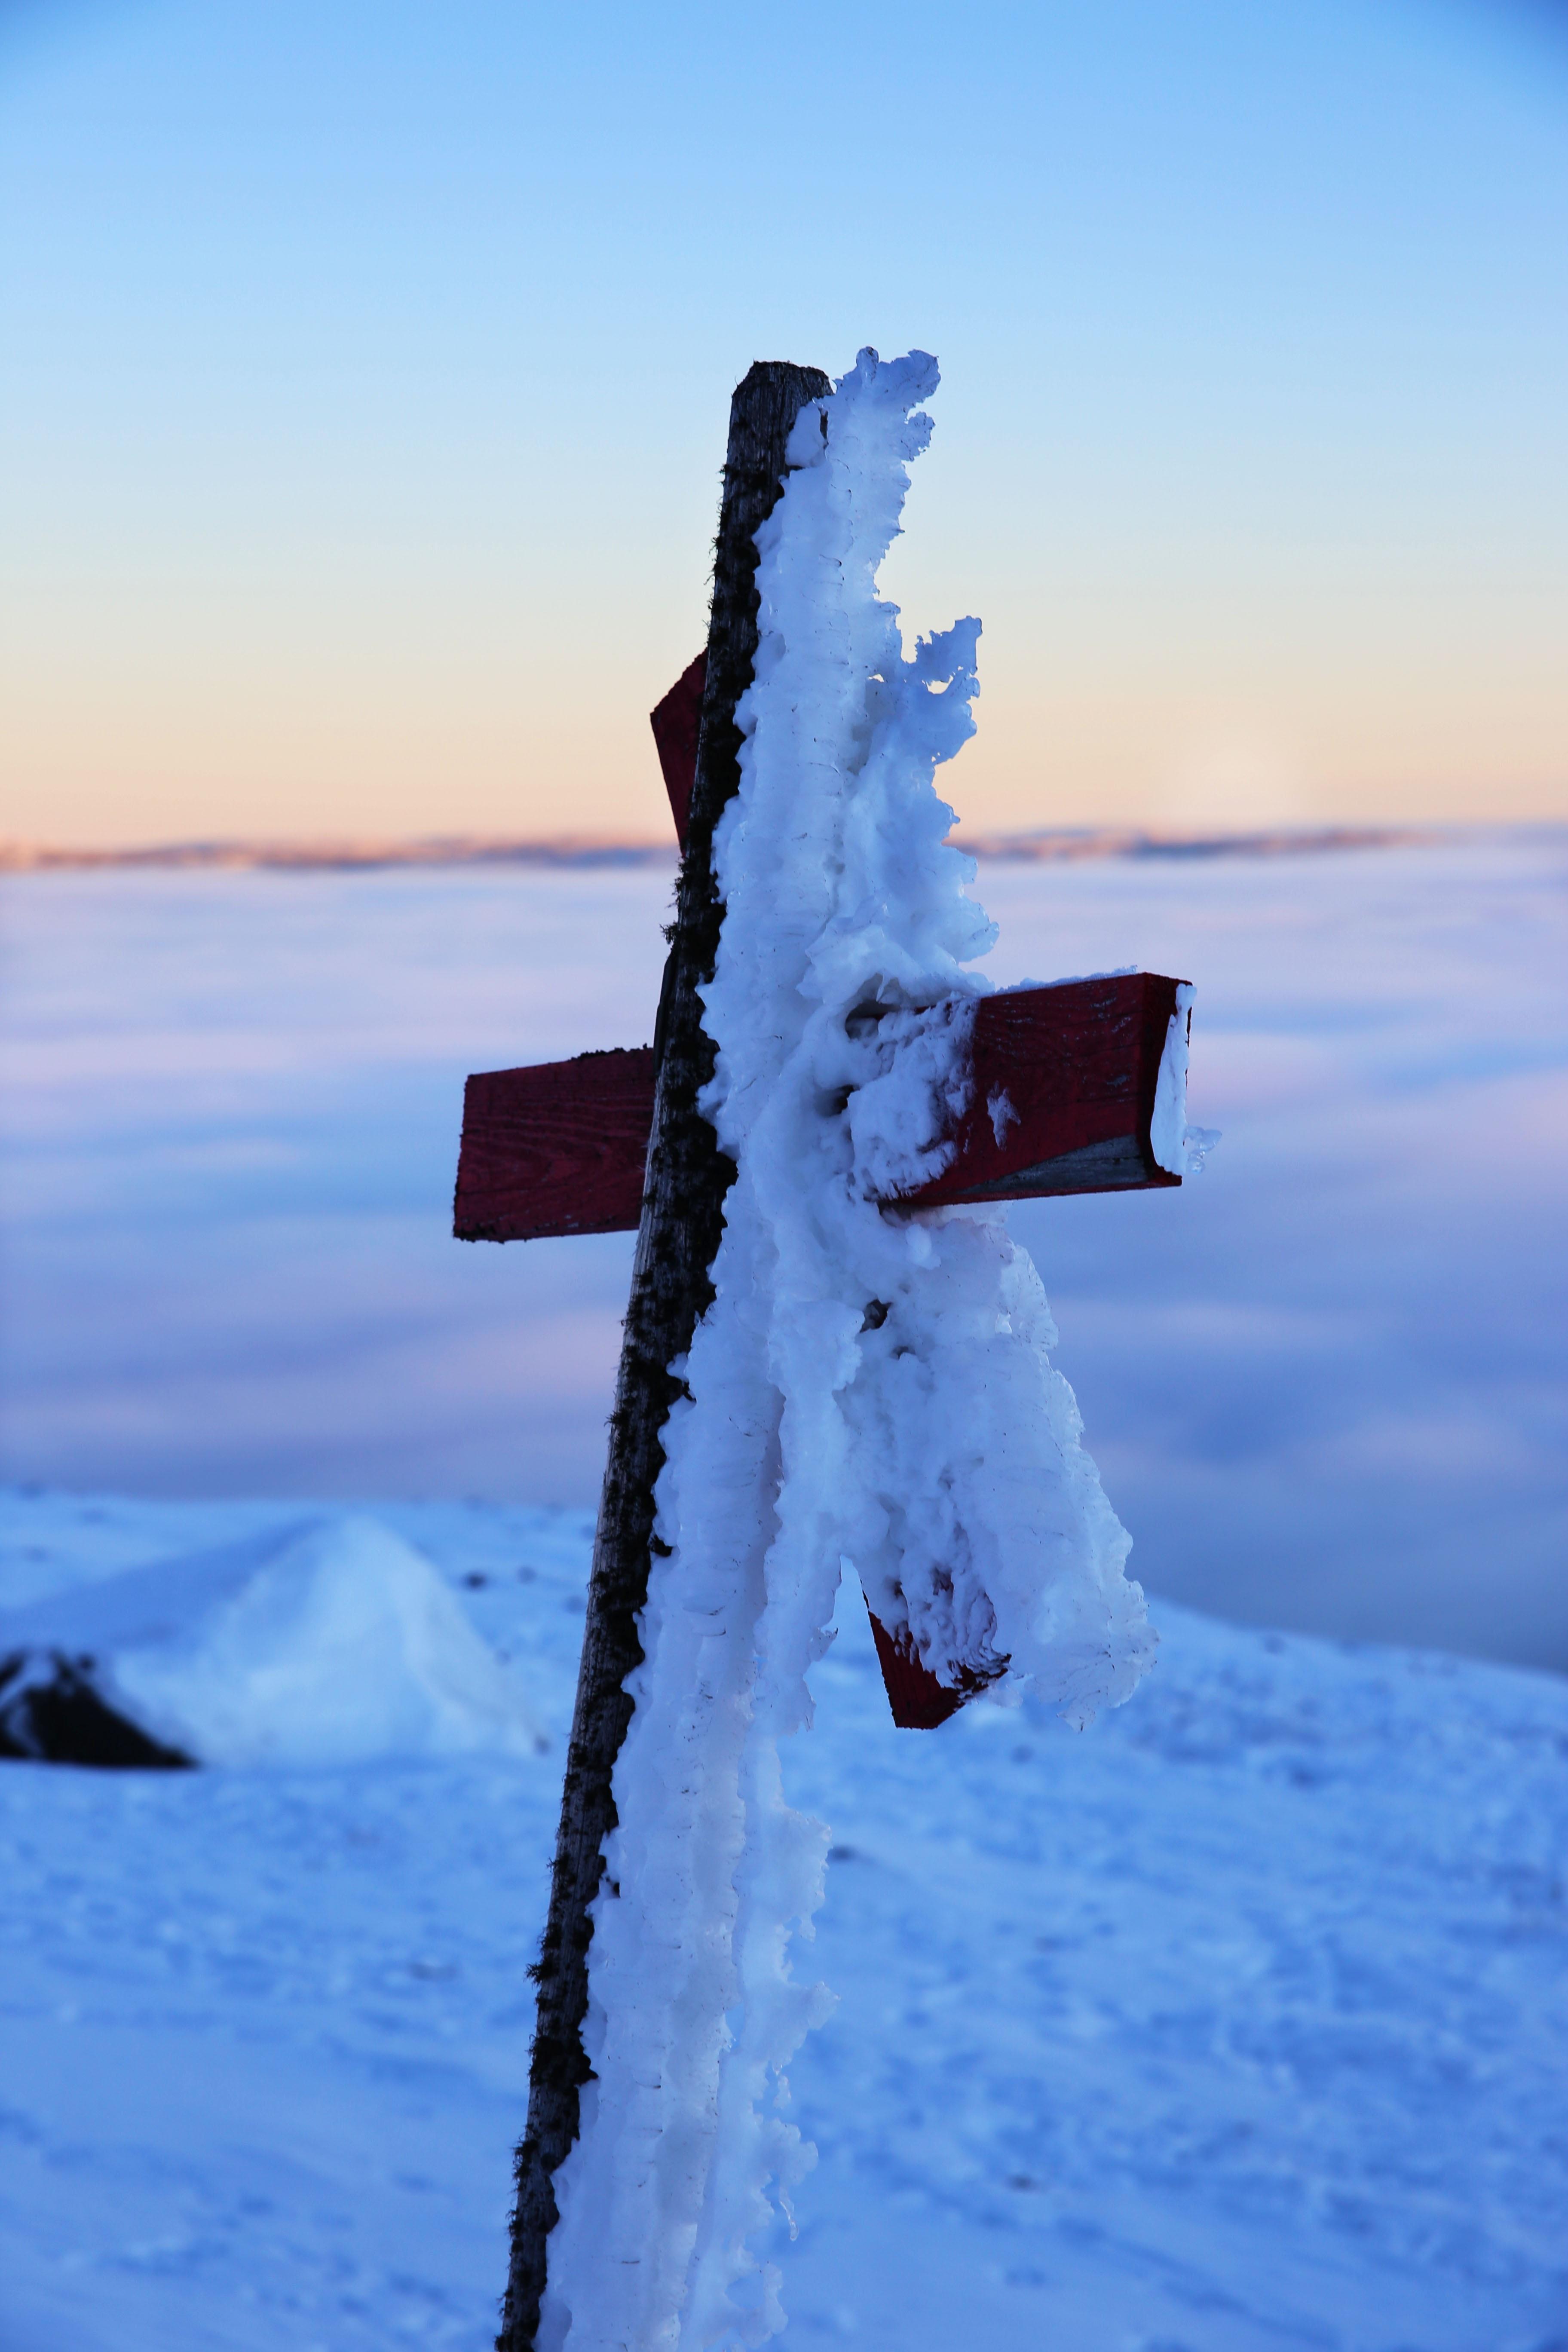 Hình ảnh Biển đại Dương Núi Tuyết Mùa đông Sương Mù